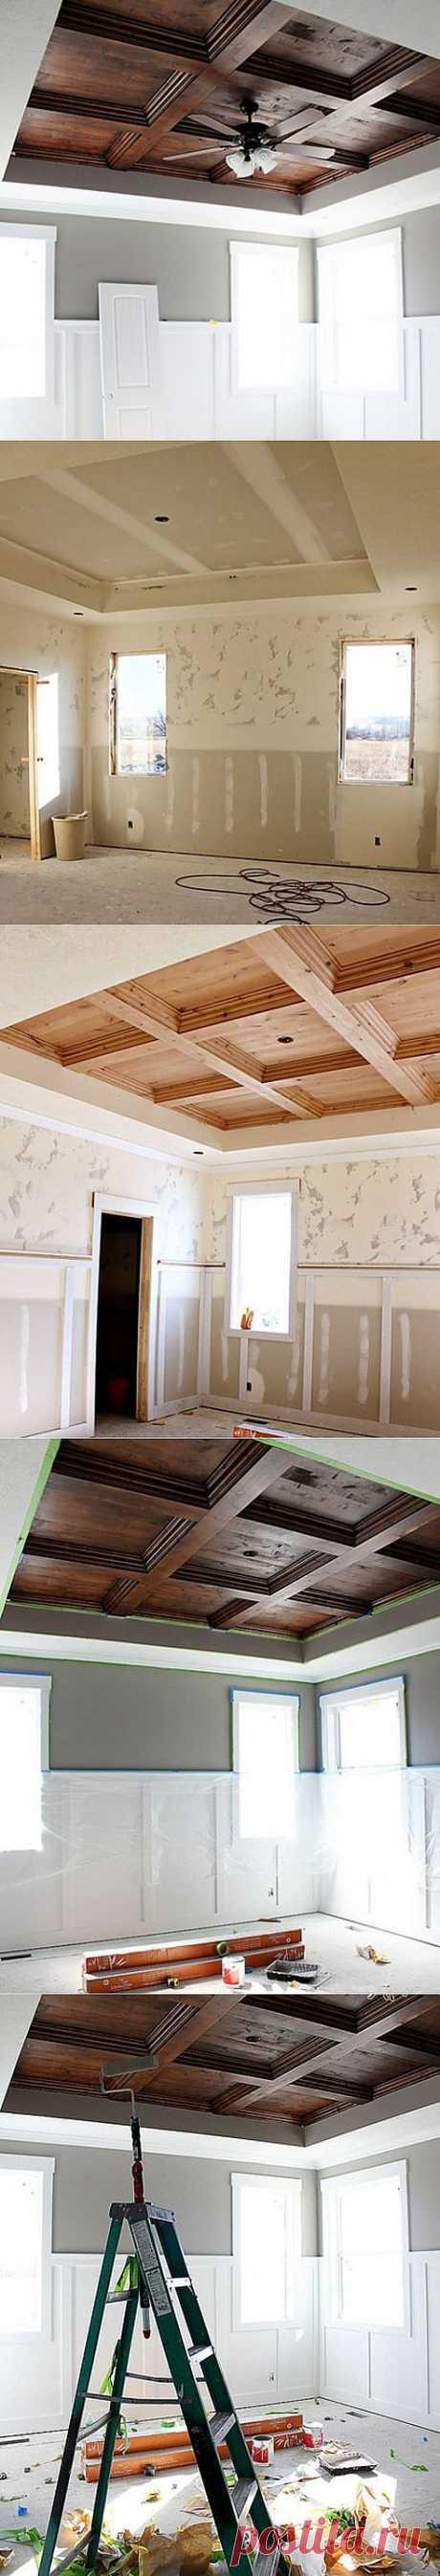 (+1) тема - Как сделать деревянный потолок своими руками | СДЕЛАЙ САМ!